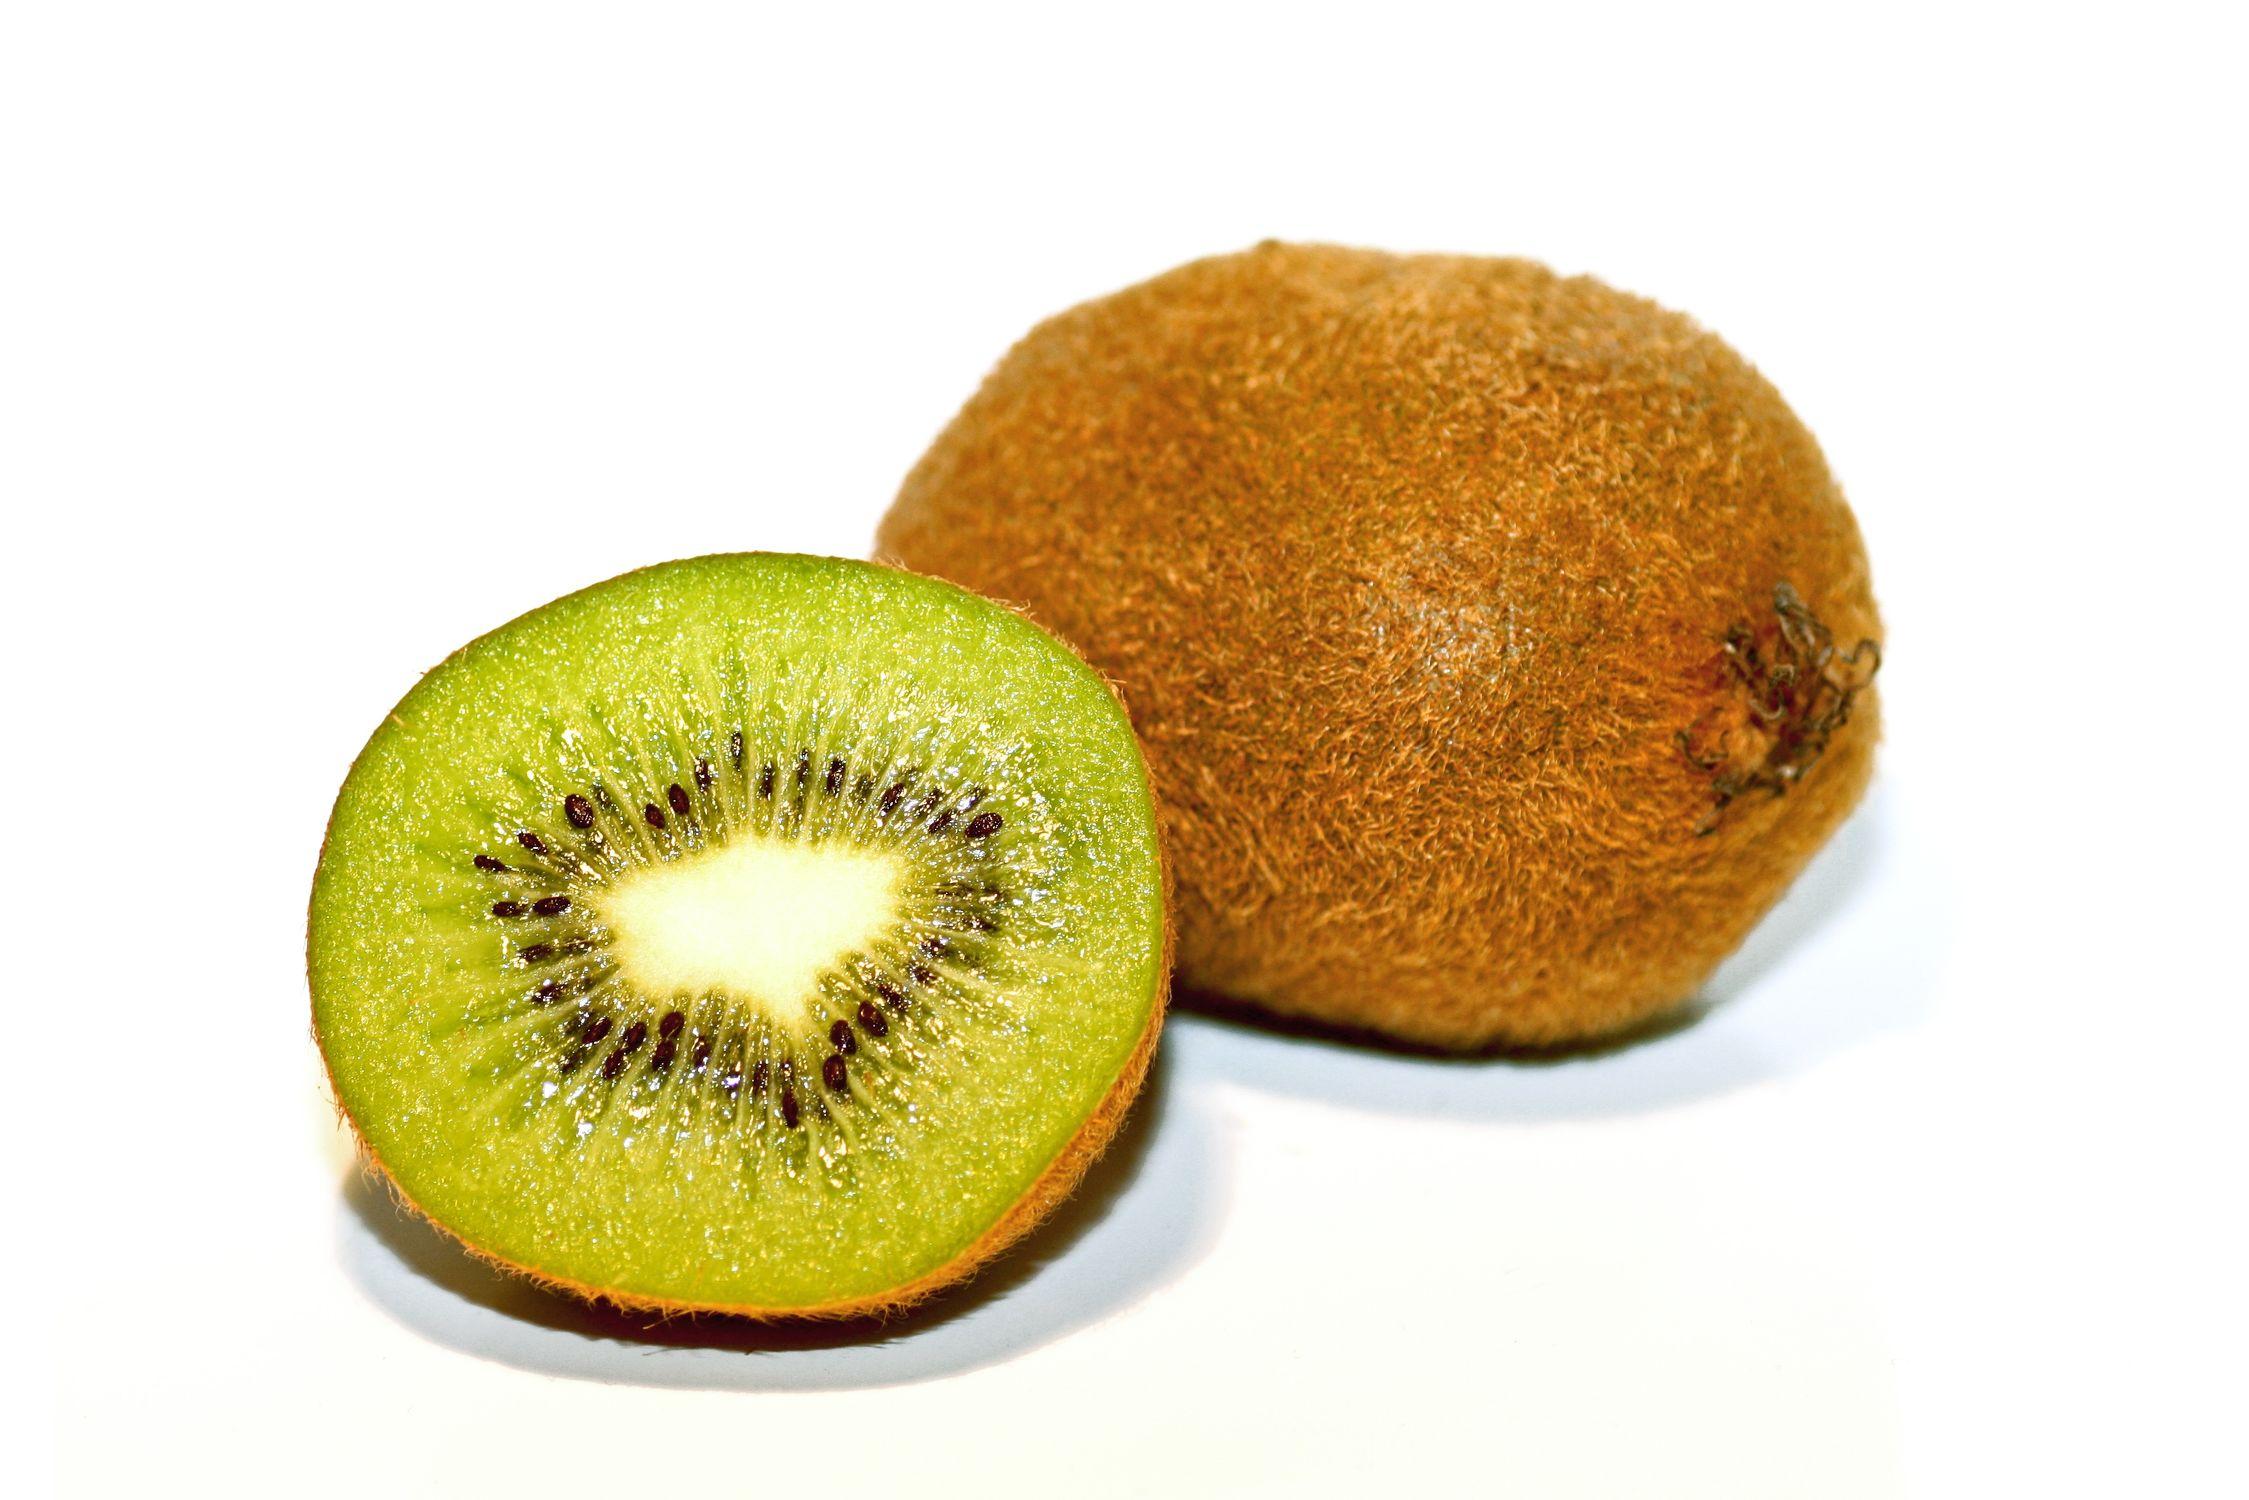 Bild mit Früchte, Lebensmittel, Essen, Frucht, Fruit, Fruits, Kiwi, Kiwies, Kiwifrucht